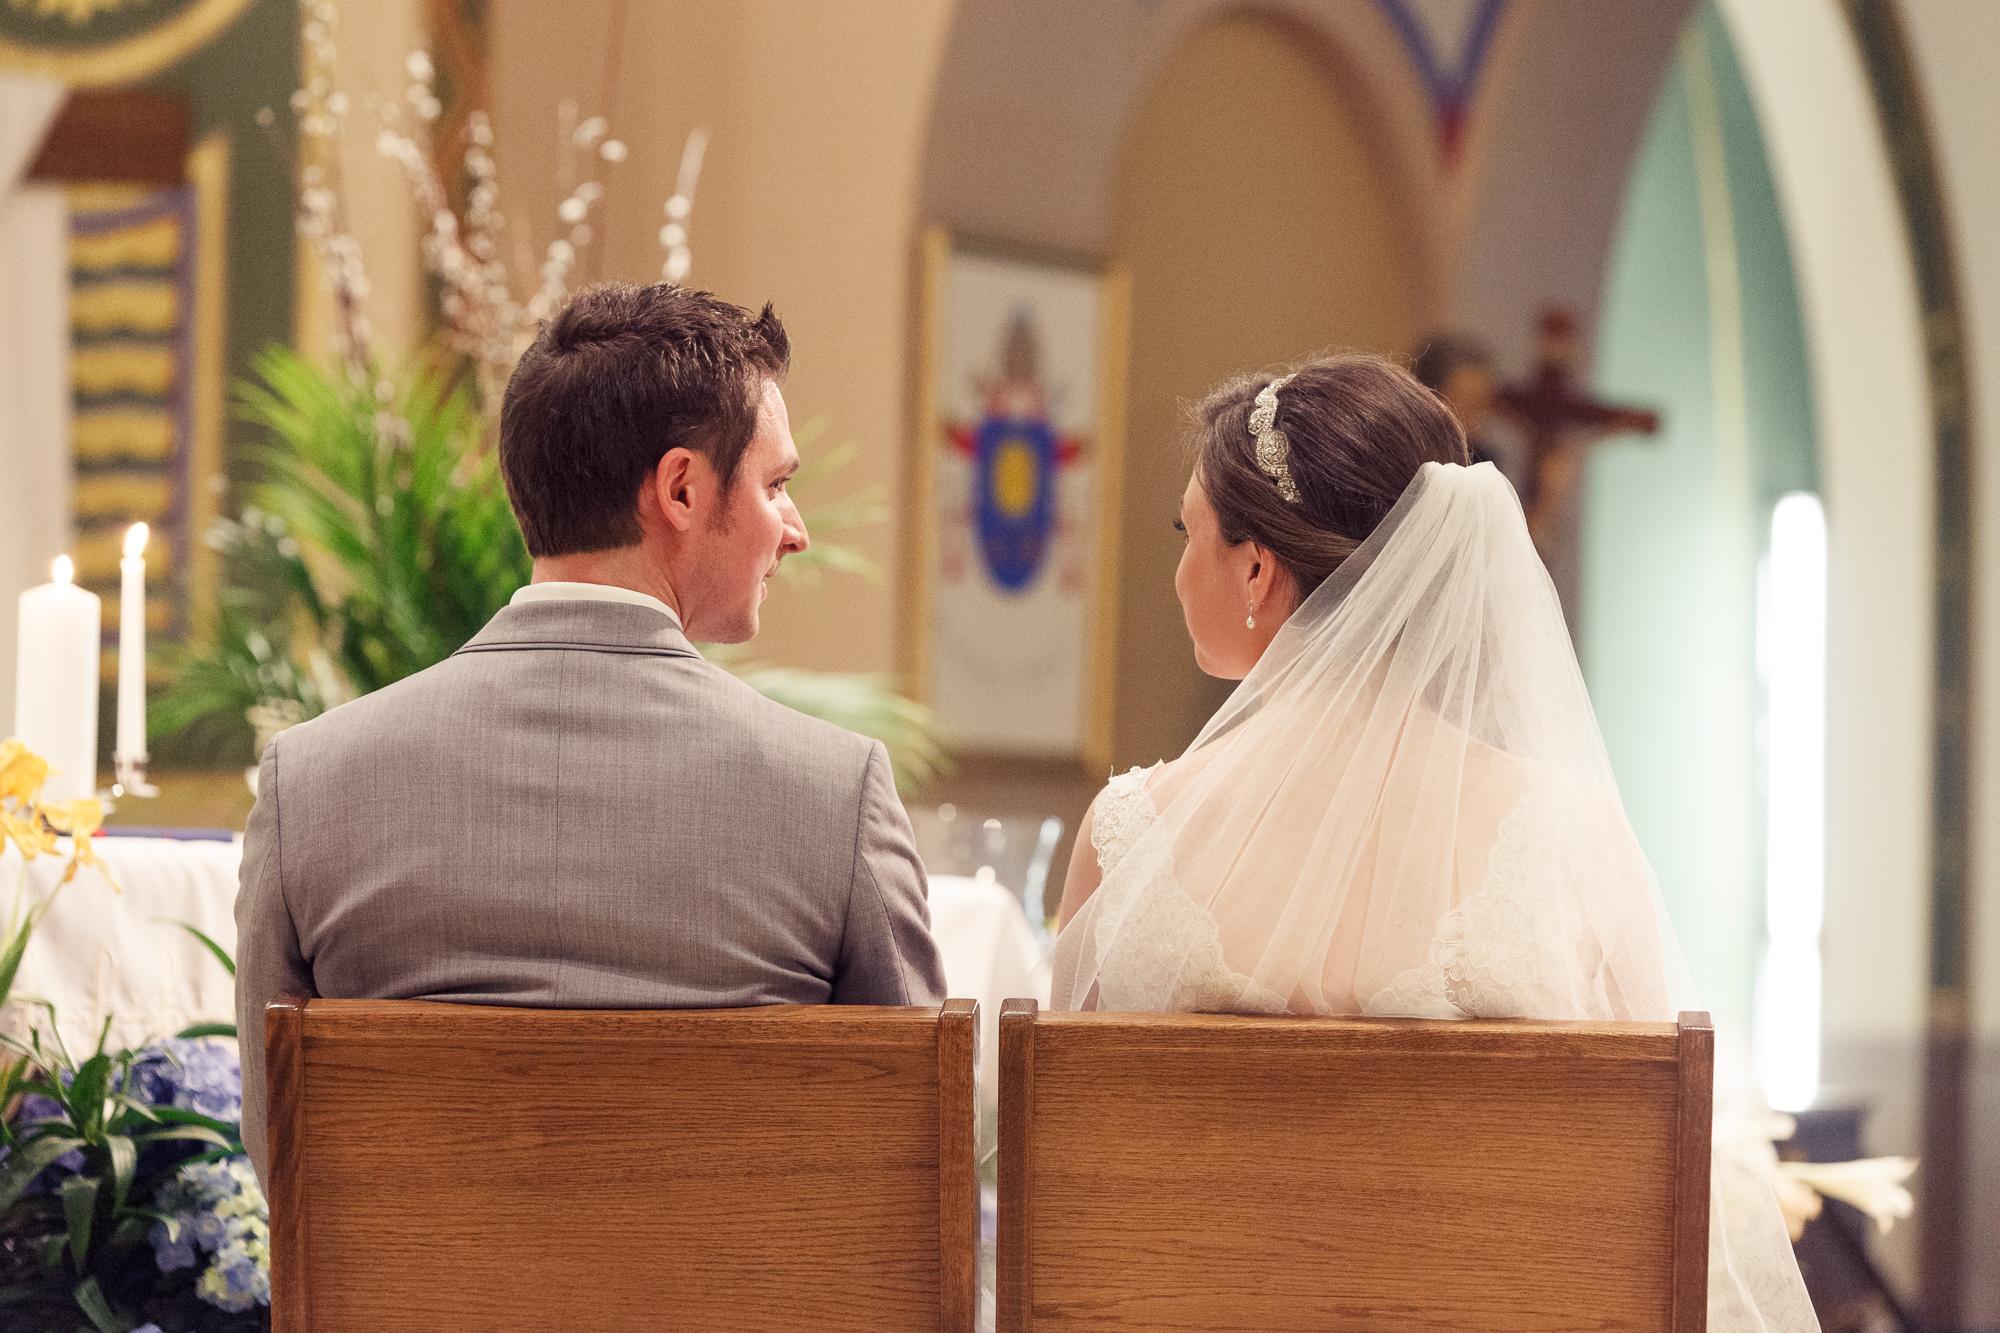 scranton-wedding-photography-zak-zavada-poconos--kellyGeoff-023.jpg